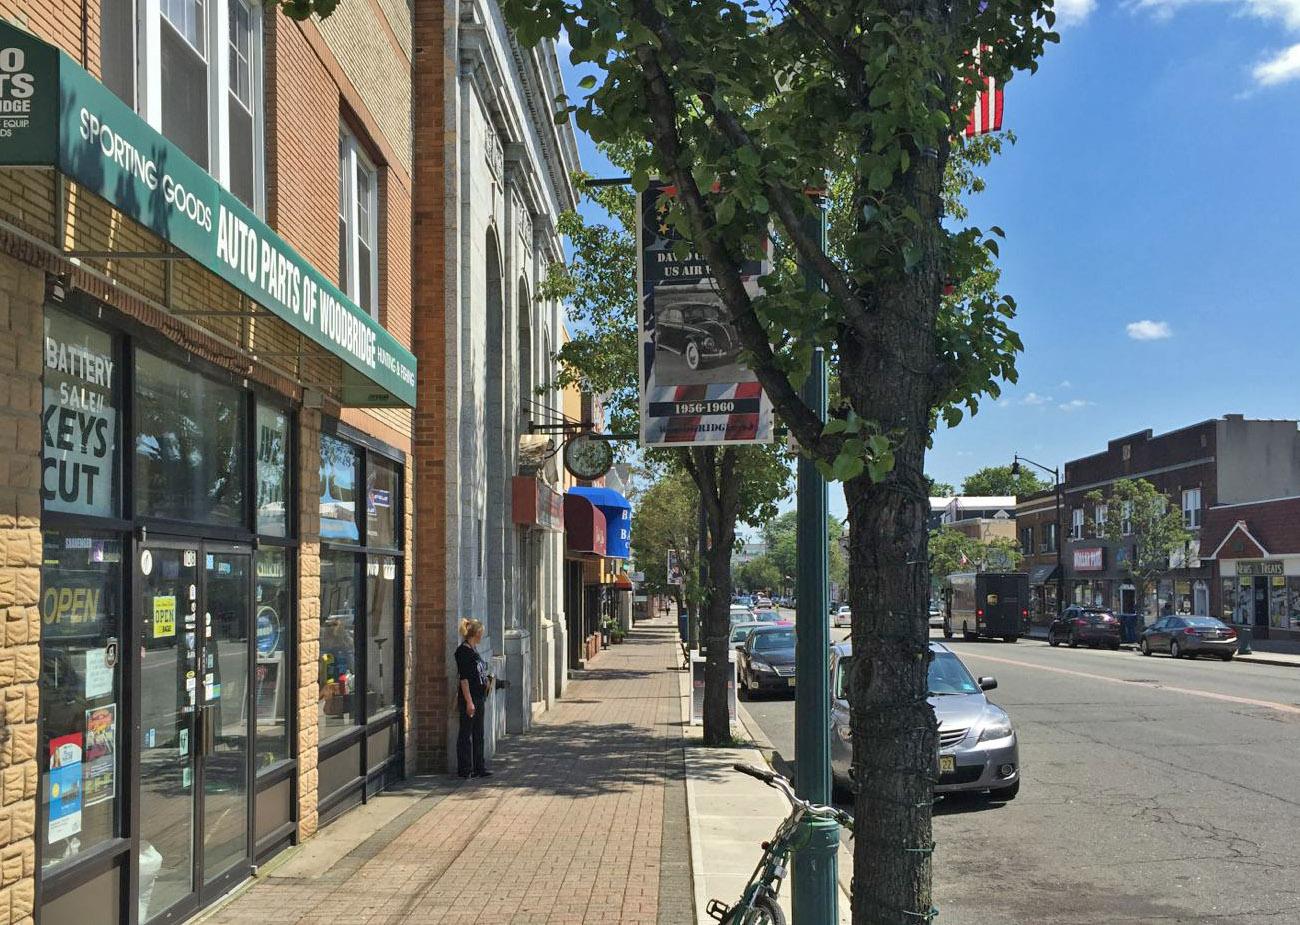 Main Street, Woodbridge